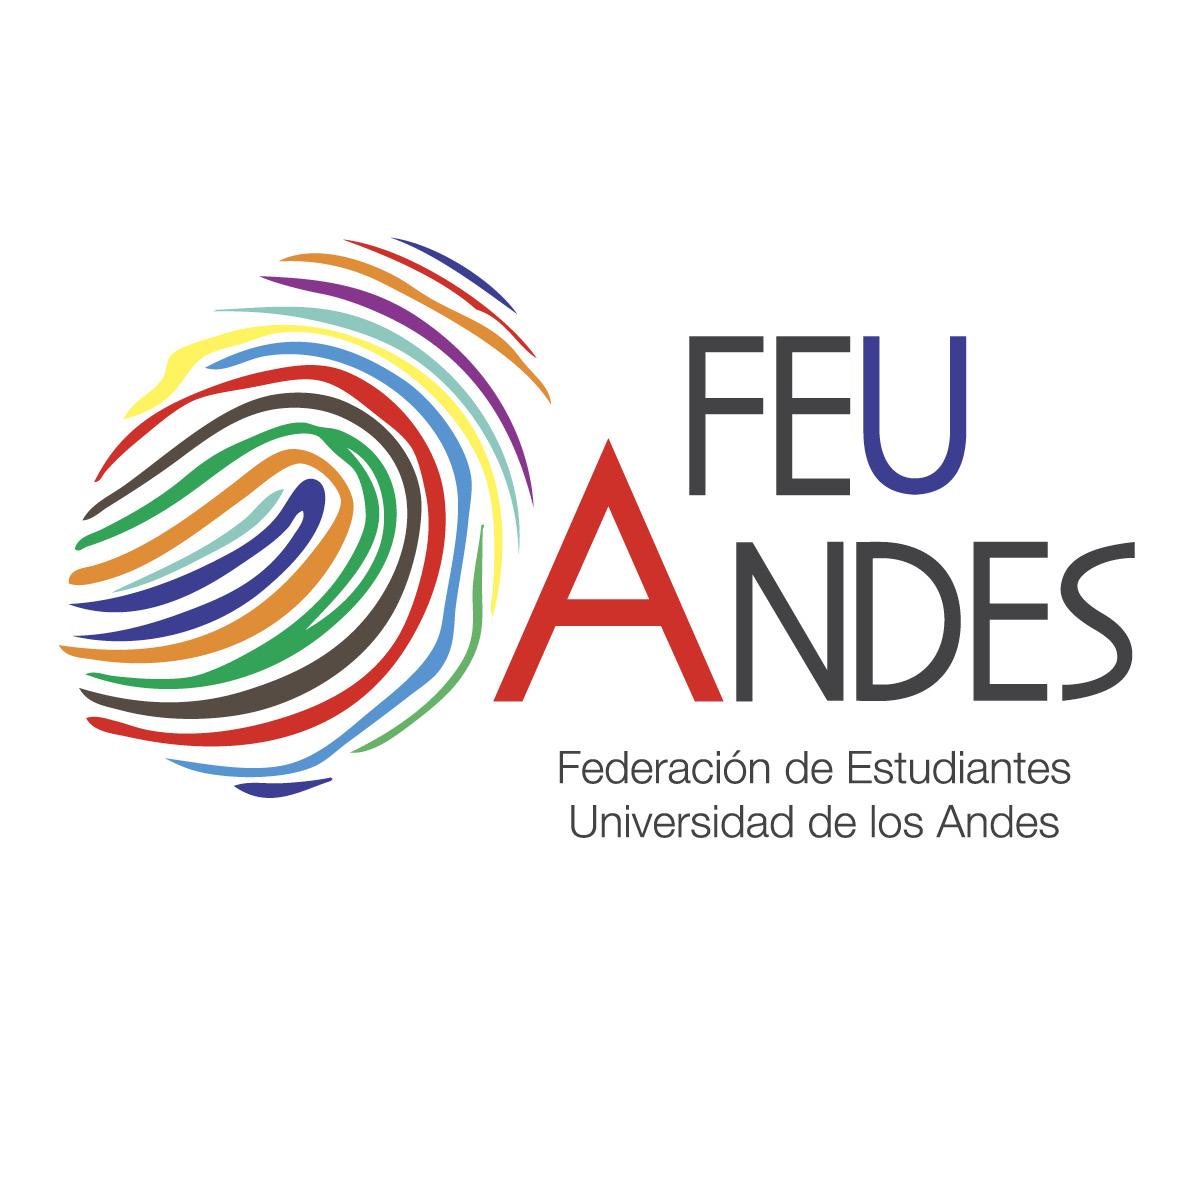 Federación de Estudiantes Universidad de los Andes (FEUANDES)